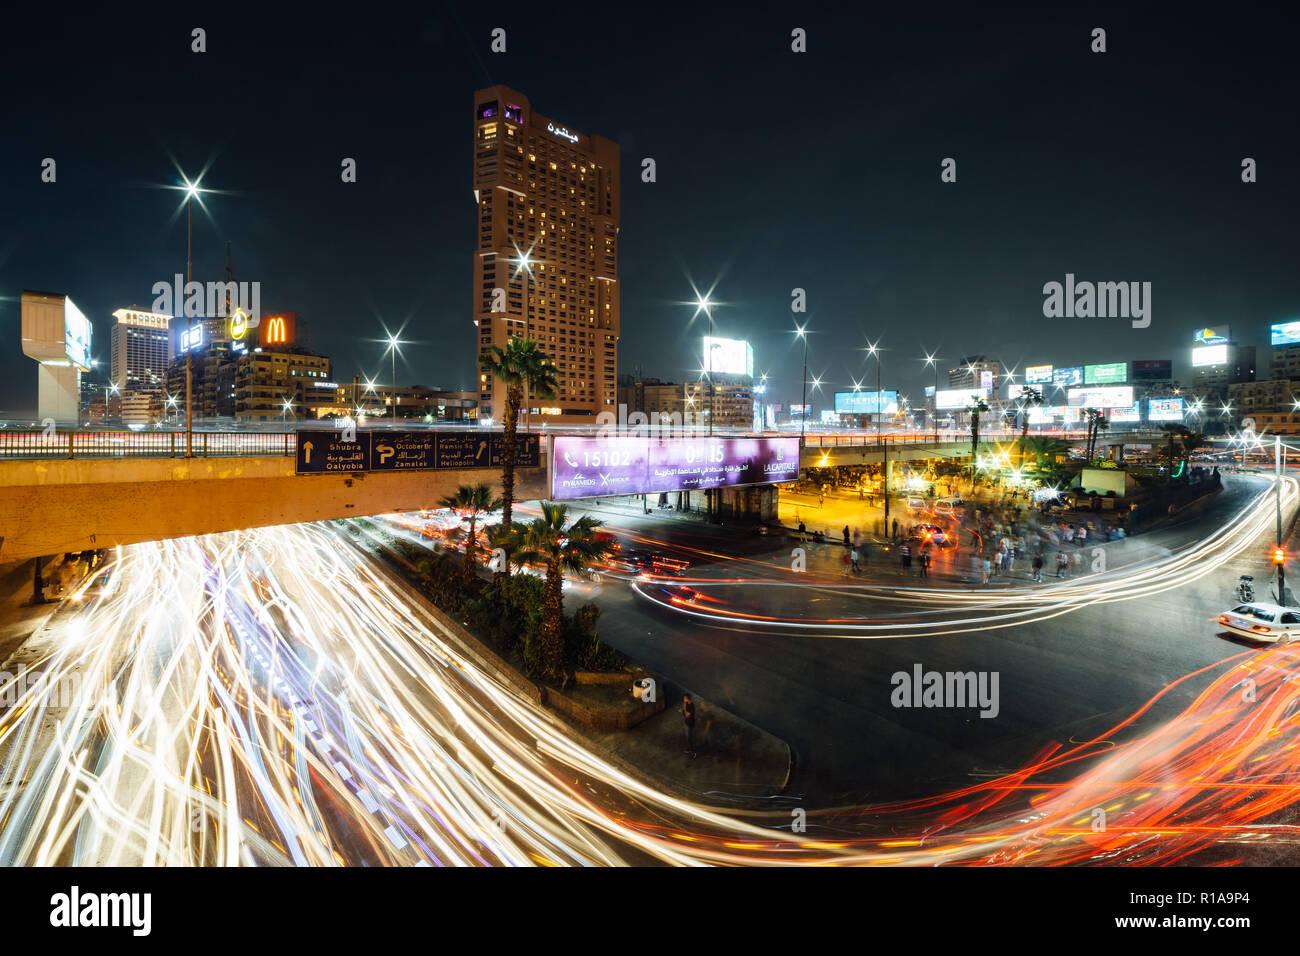 El Cairo, Egipto - Noviembre 8, 2018: El concurrido Abdel Munim Riad square y la estación de autobús en el centro de Cairo por la noche, la larga exposición con semáforo senderos. Foto de stock